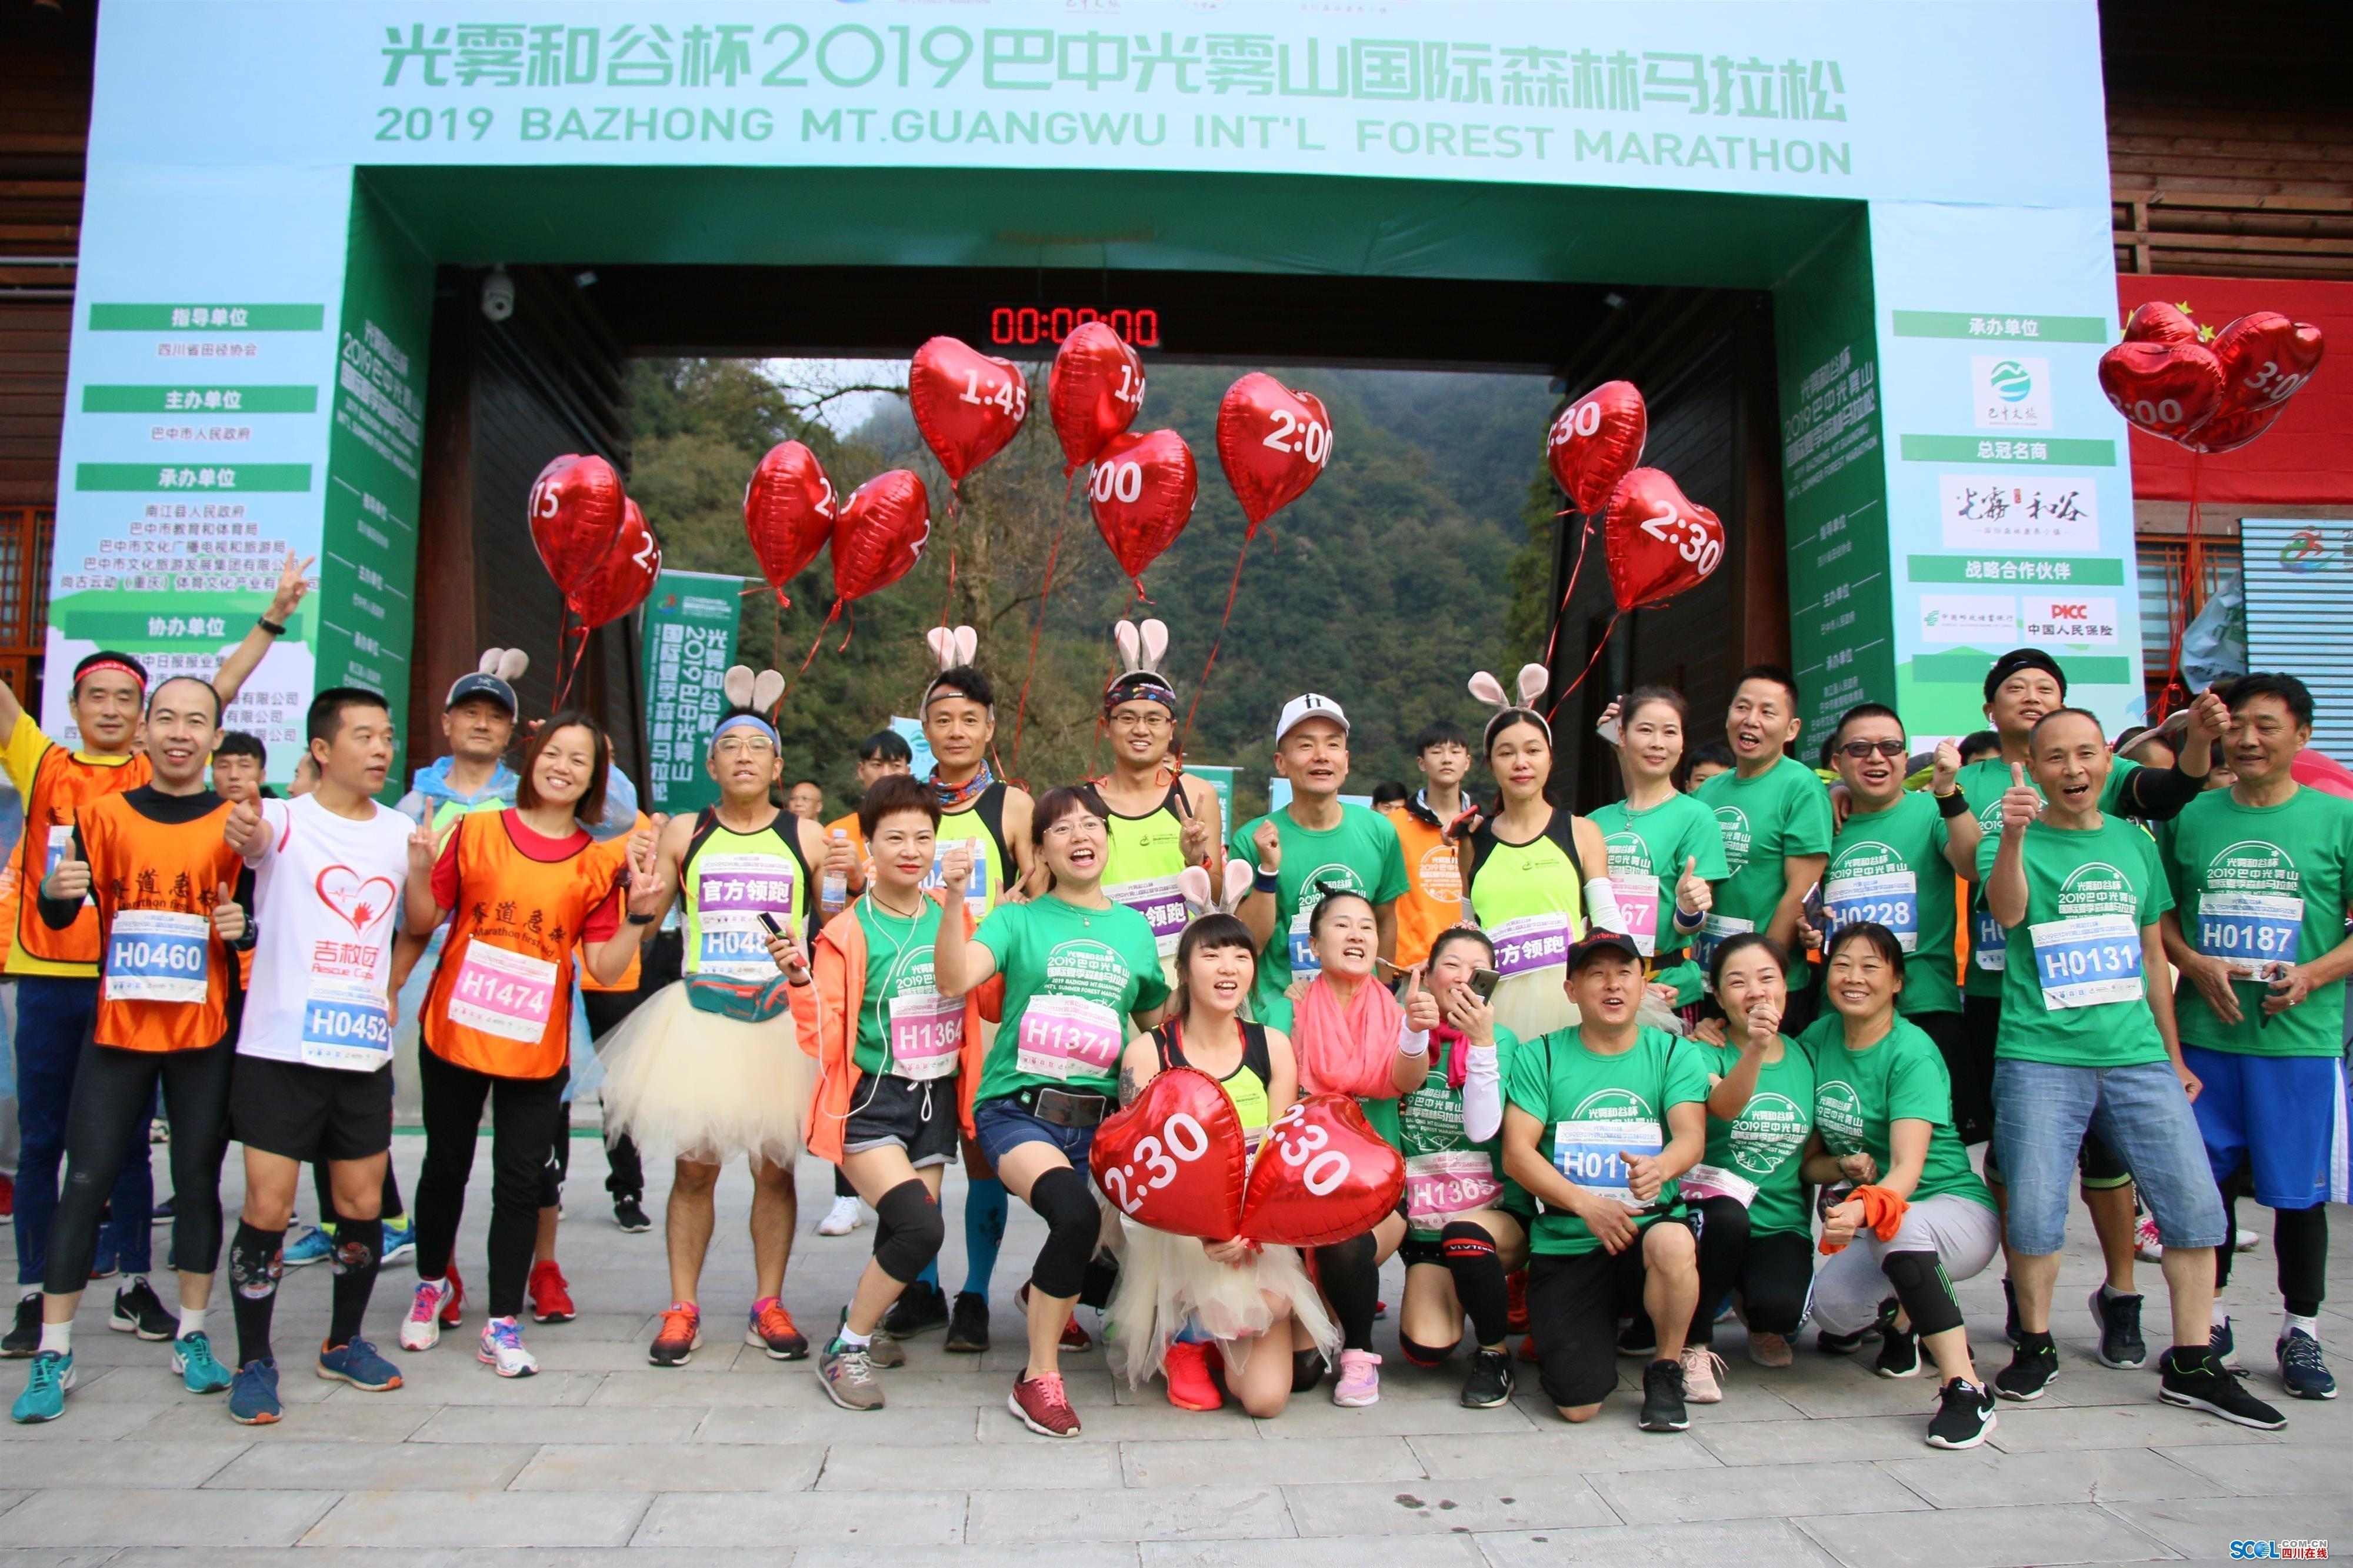 光雾和谷杯 2019巴中光雾山国际森林马拉松举办 吸引5000名选手参赛